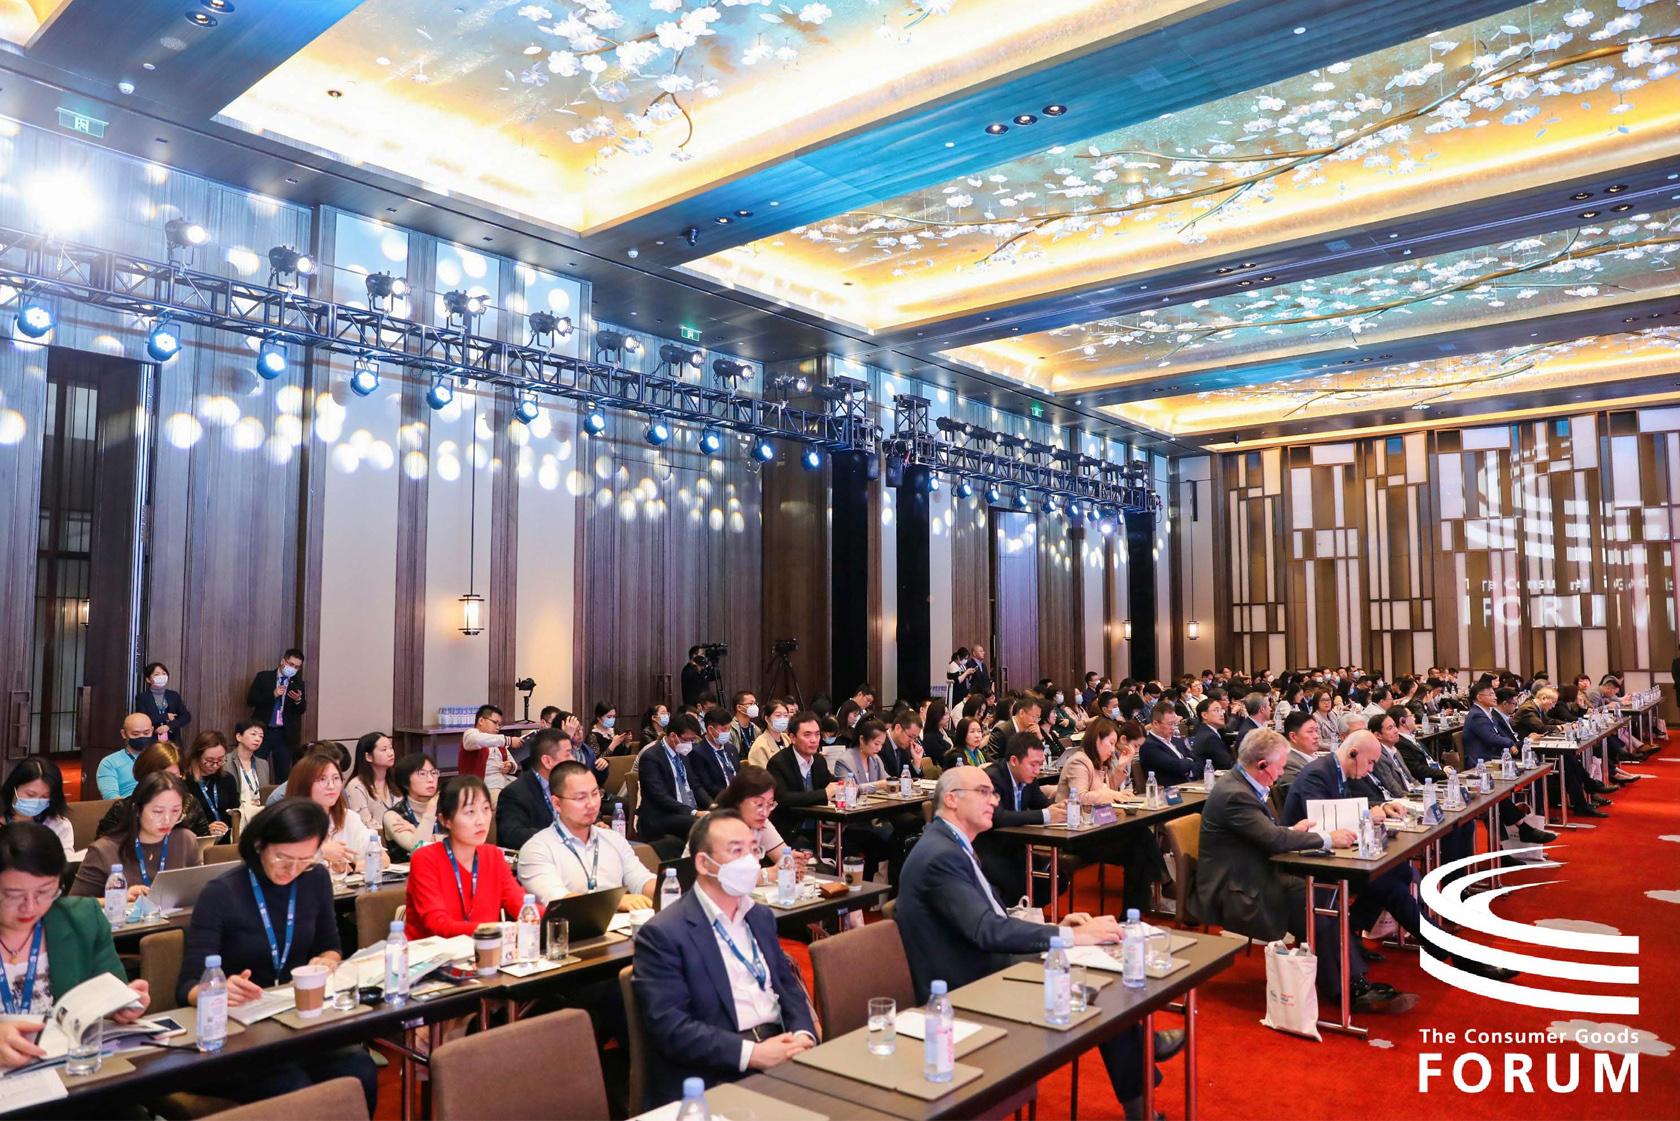 消费品论坛中国日会议